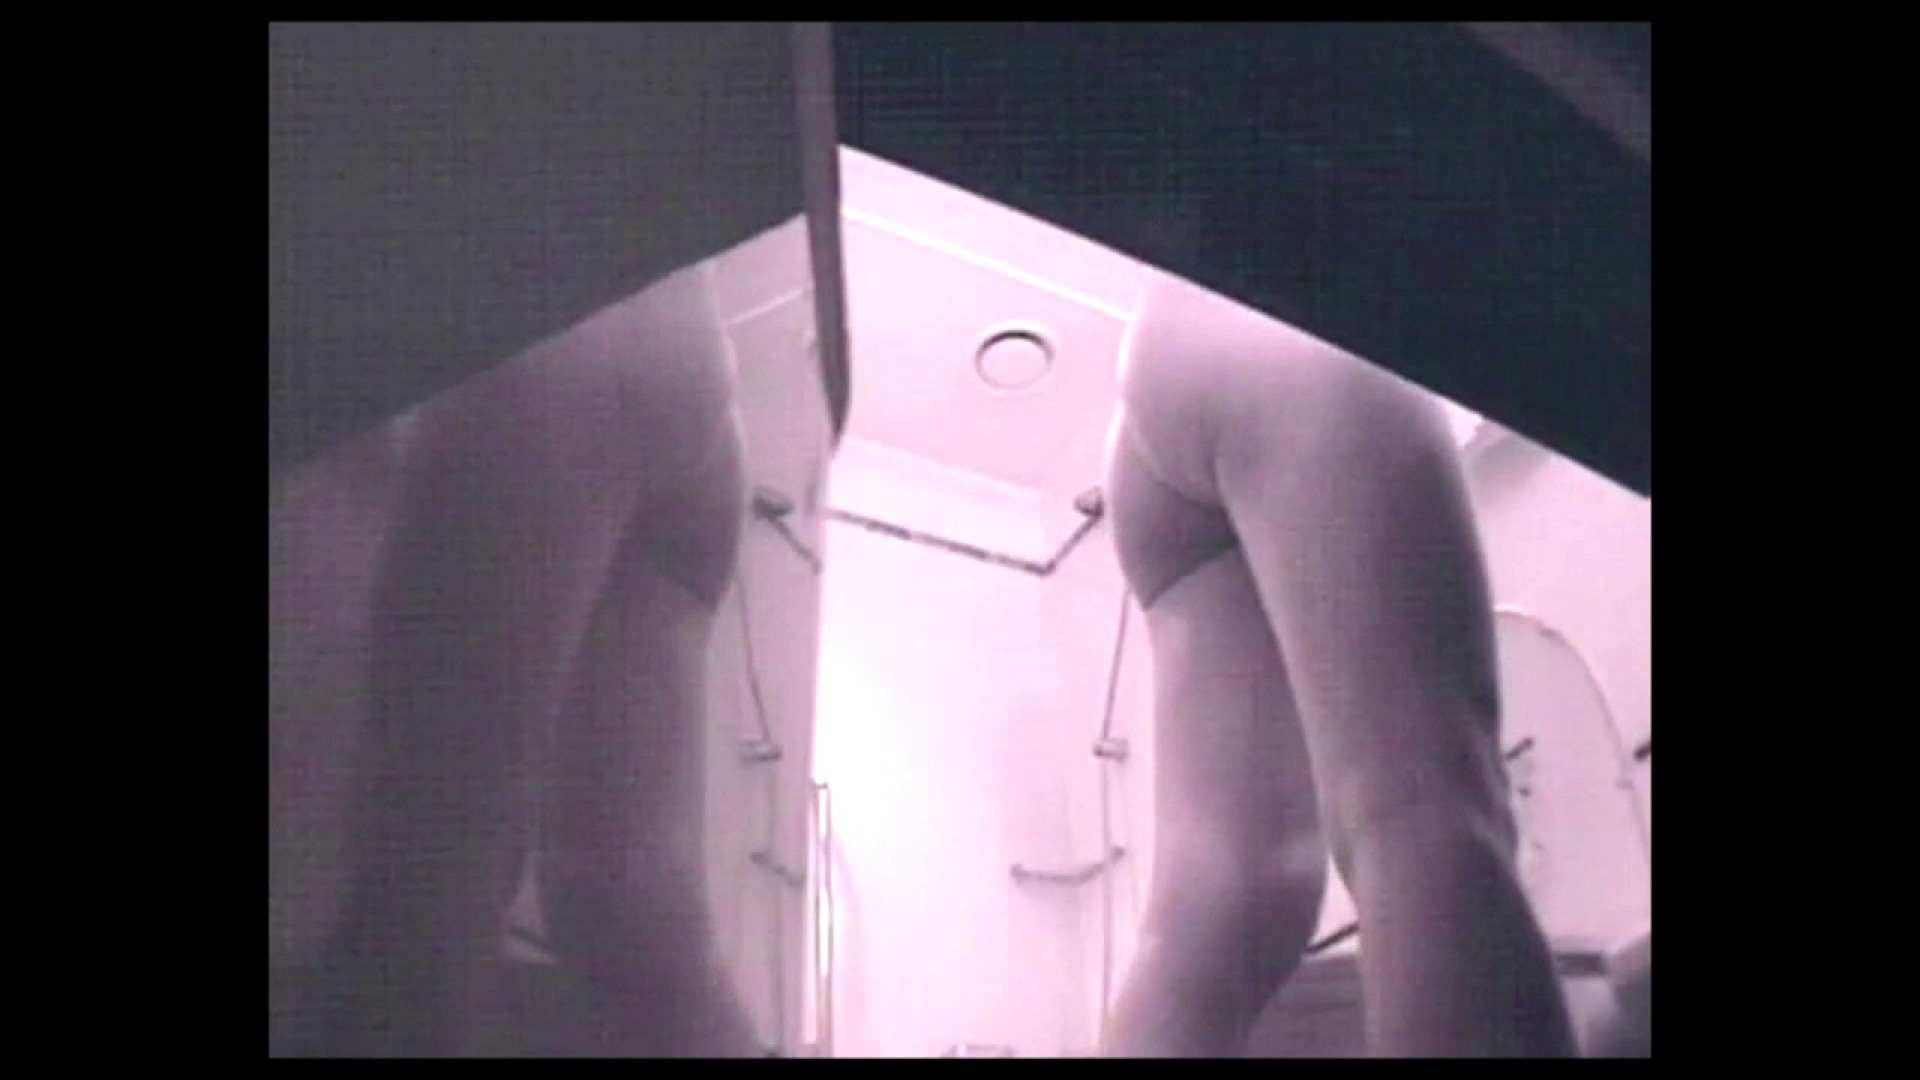 【限定】 闇の花道 Vol.19 影対某芸能関係者 美乳 おめこ無修正動画無料 108枚 30